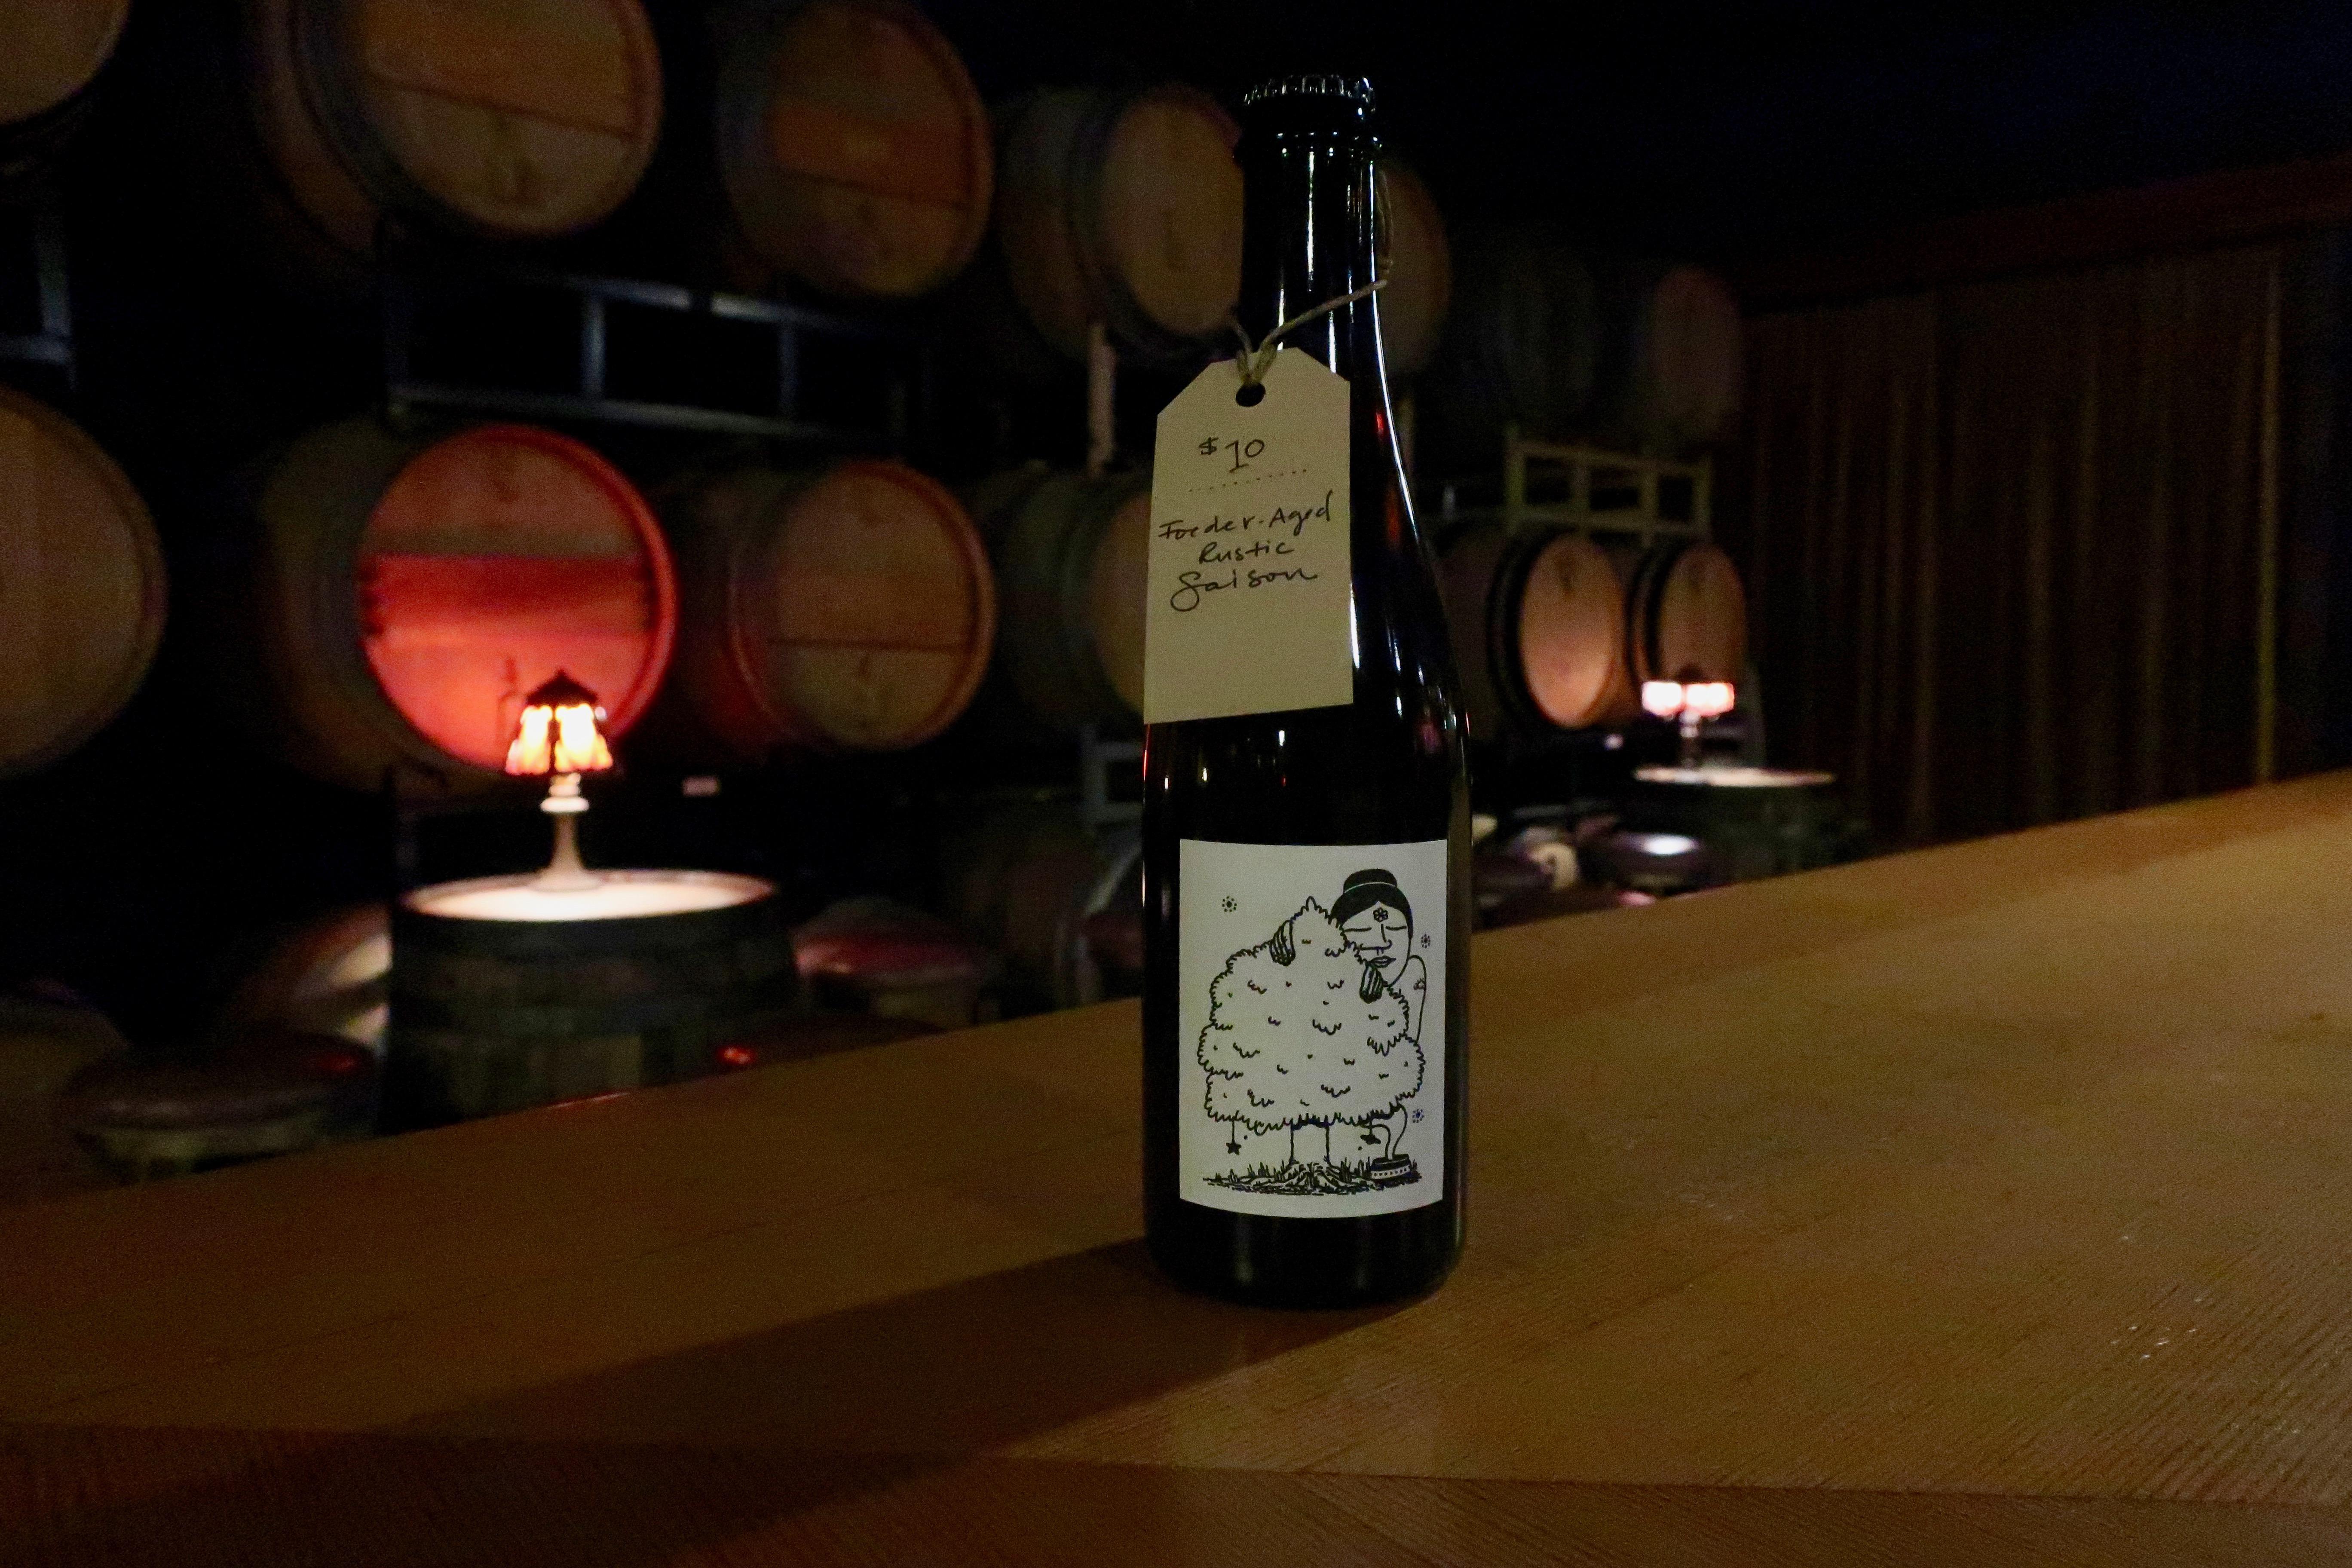 A bottle of Aslan Brewing's Frances Farmer at Aslan Depot: Barrels & Blending.